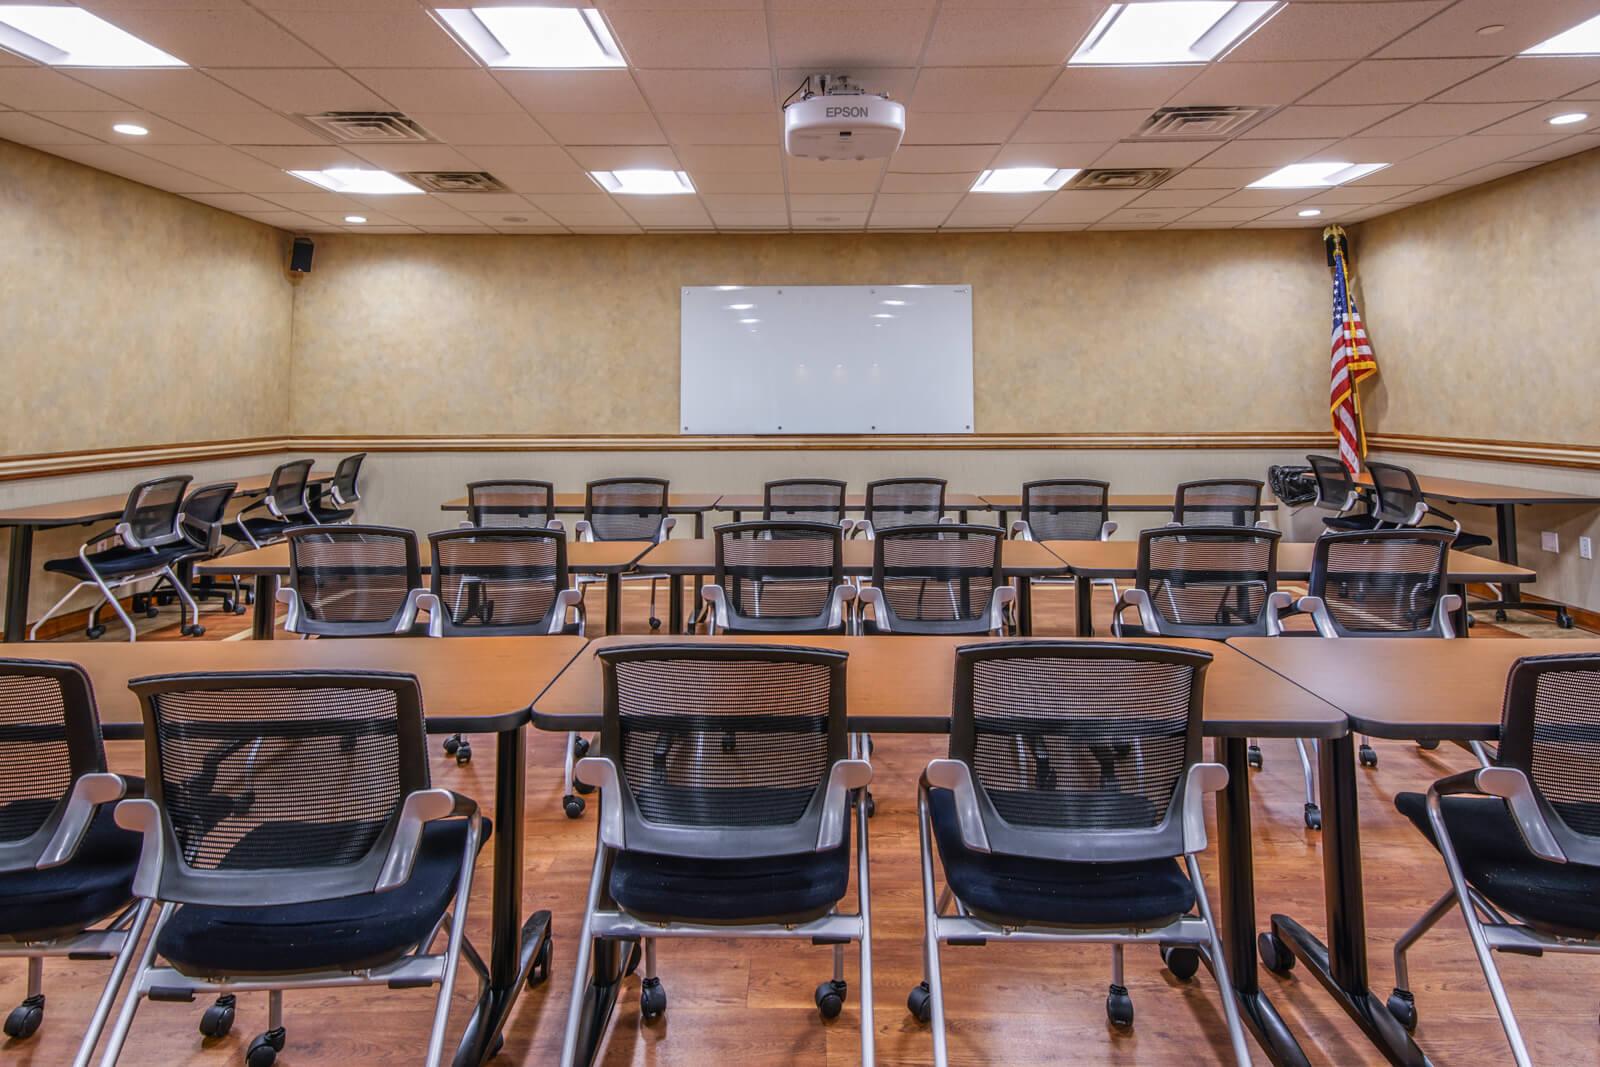 Training center furniture